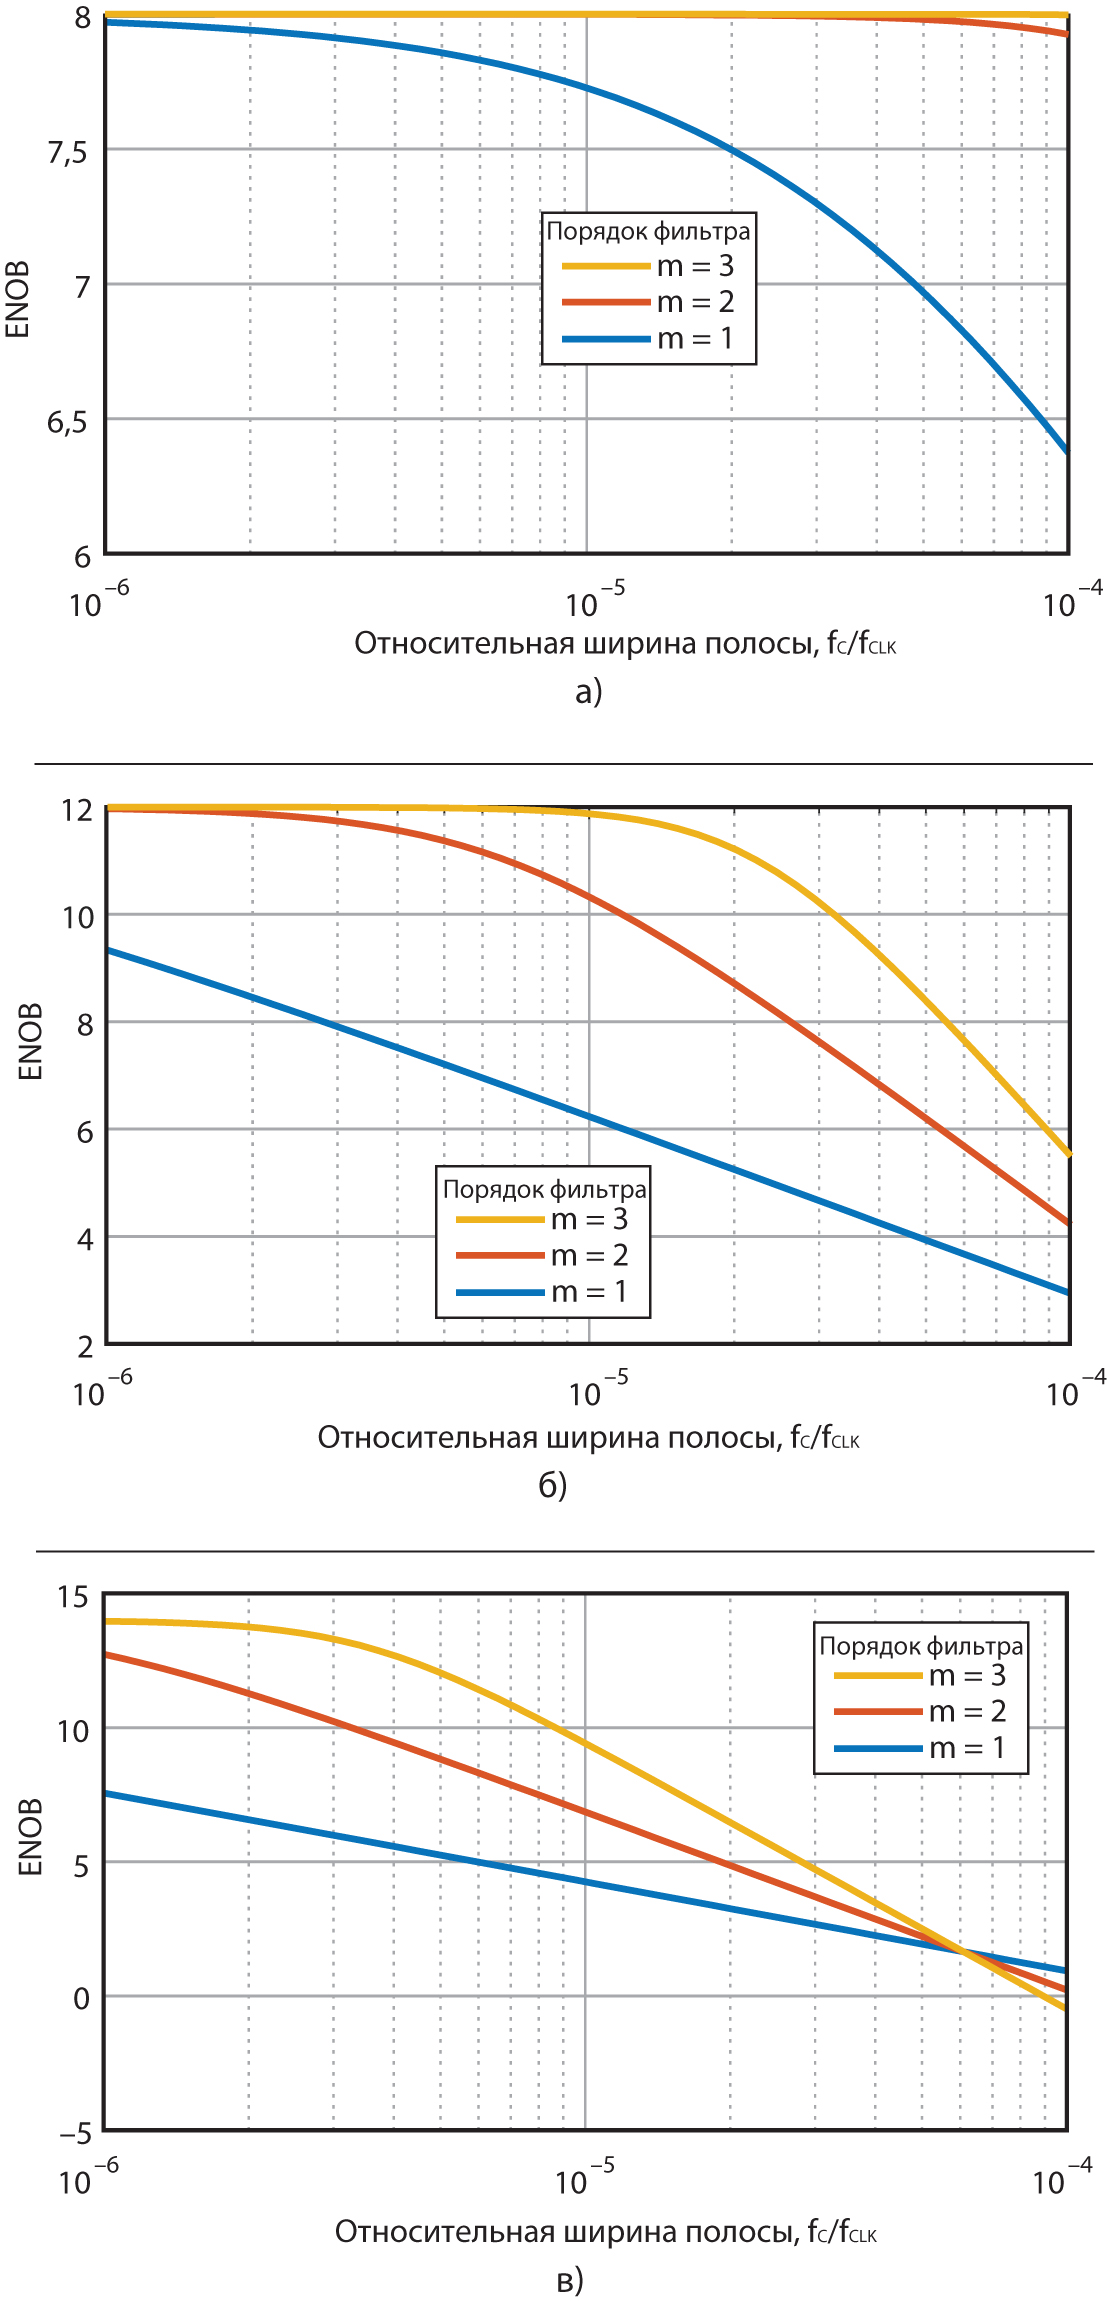 Зависимость ENOB от относительной ширины полосы для разных значений N и m